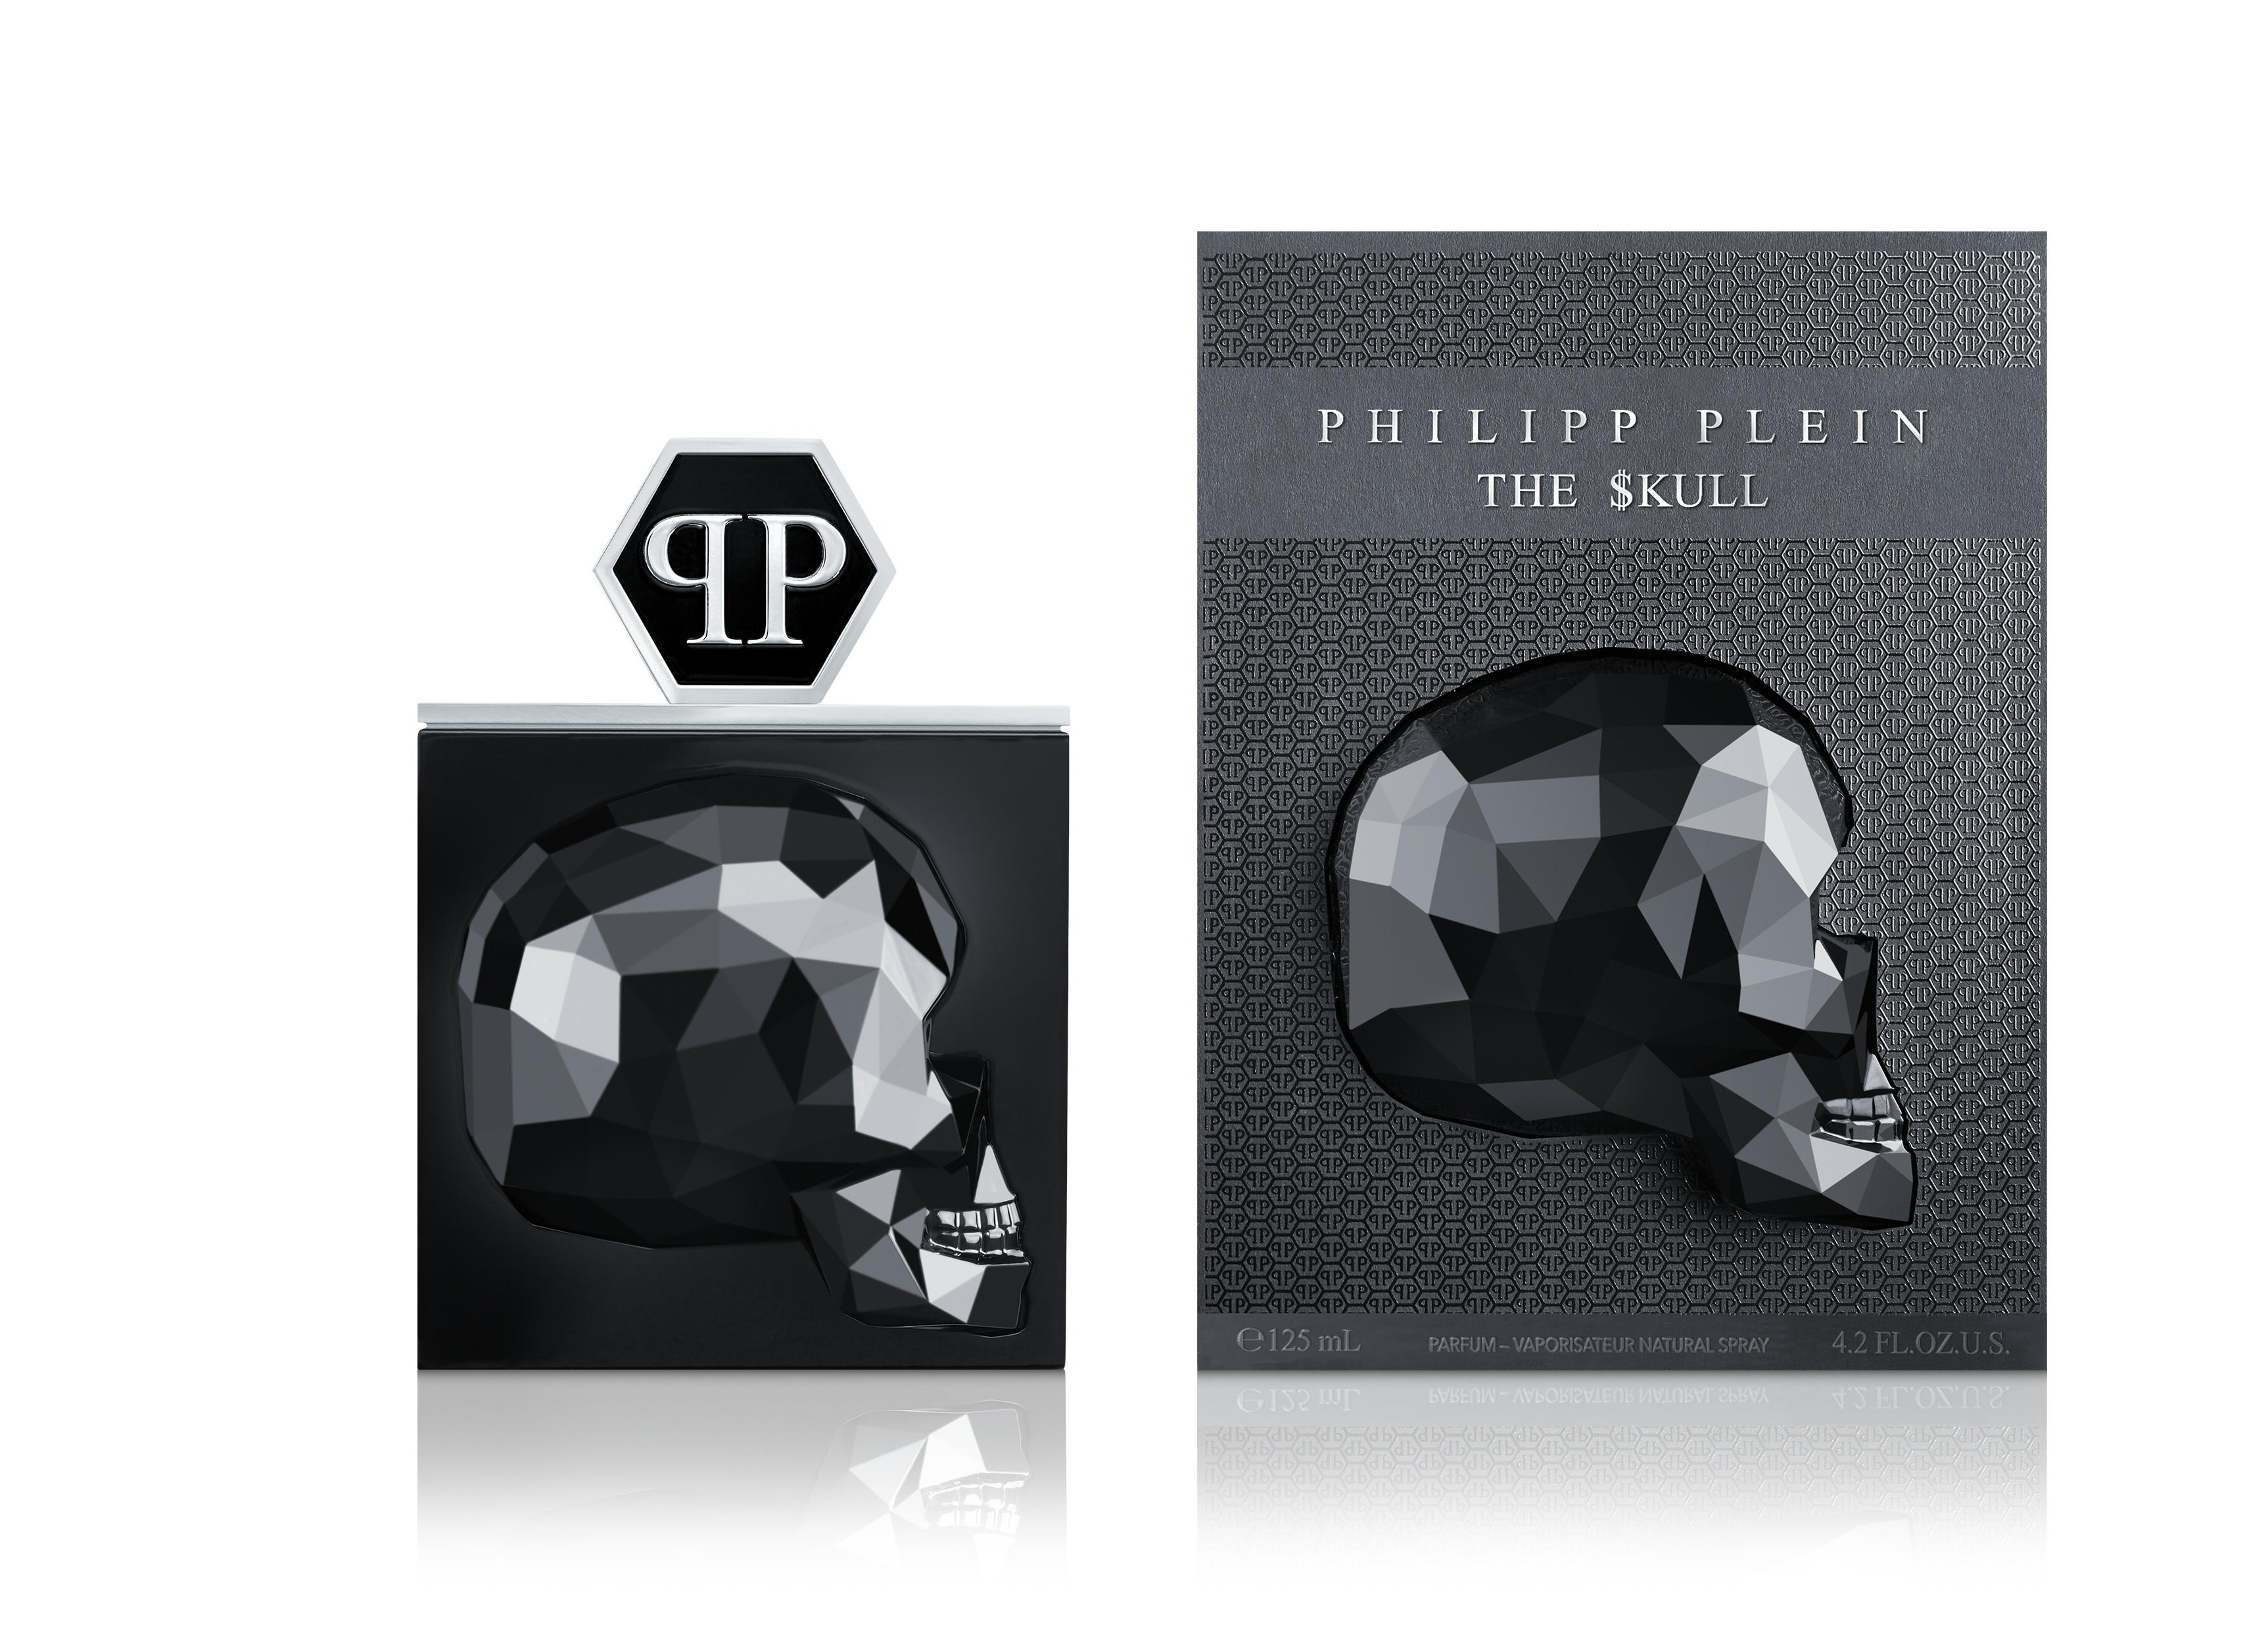 The $kull fragrance.